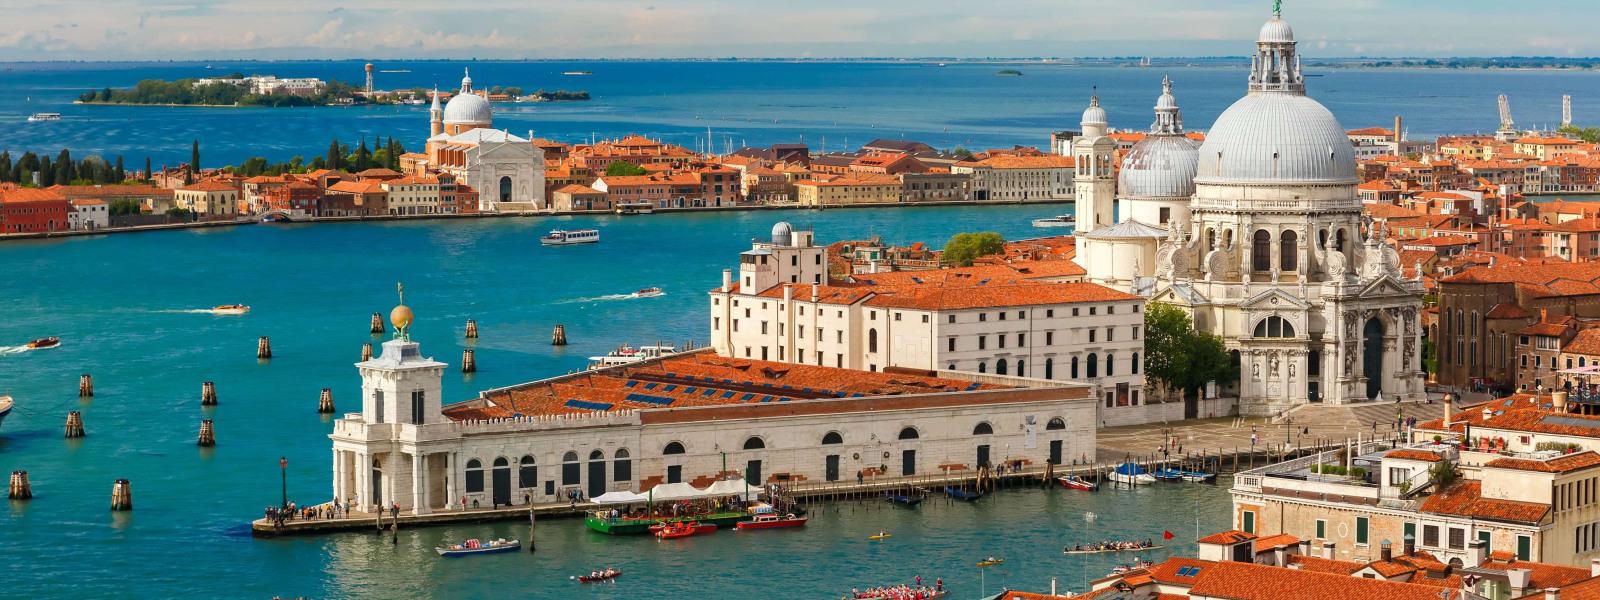 Venice-Tour-Guide